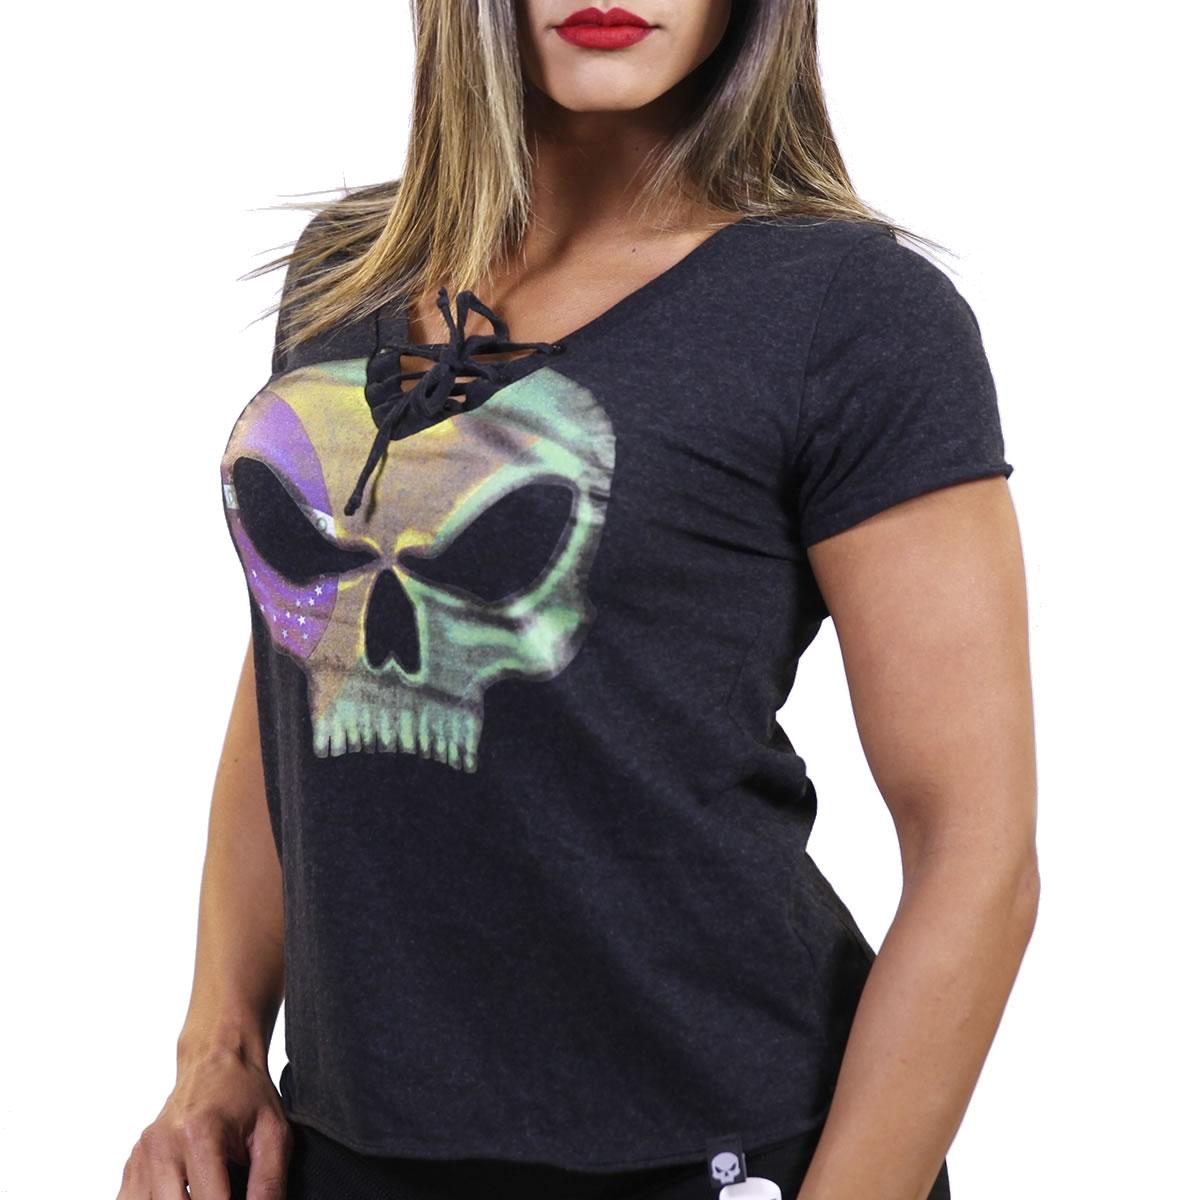 T-shirt Brasil Feminina Preta - Black Skull Clothing